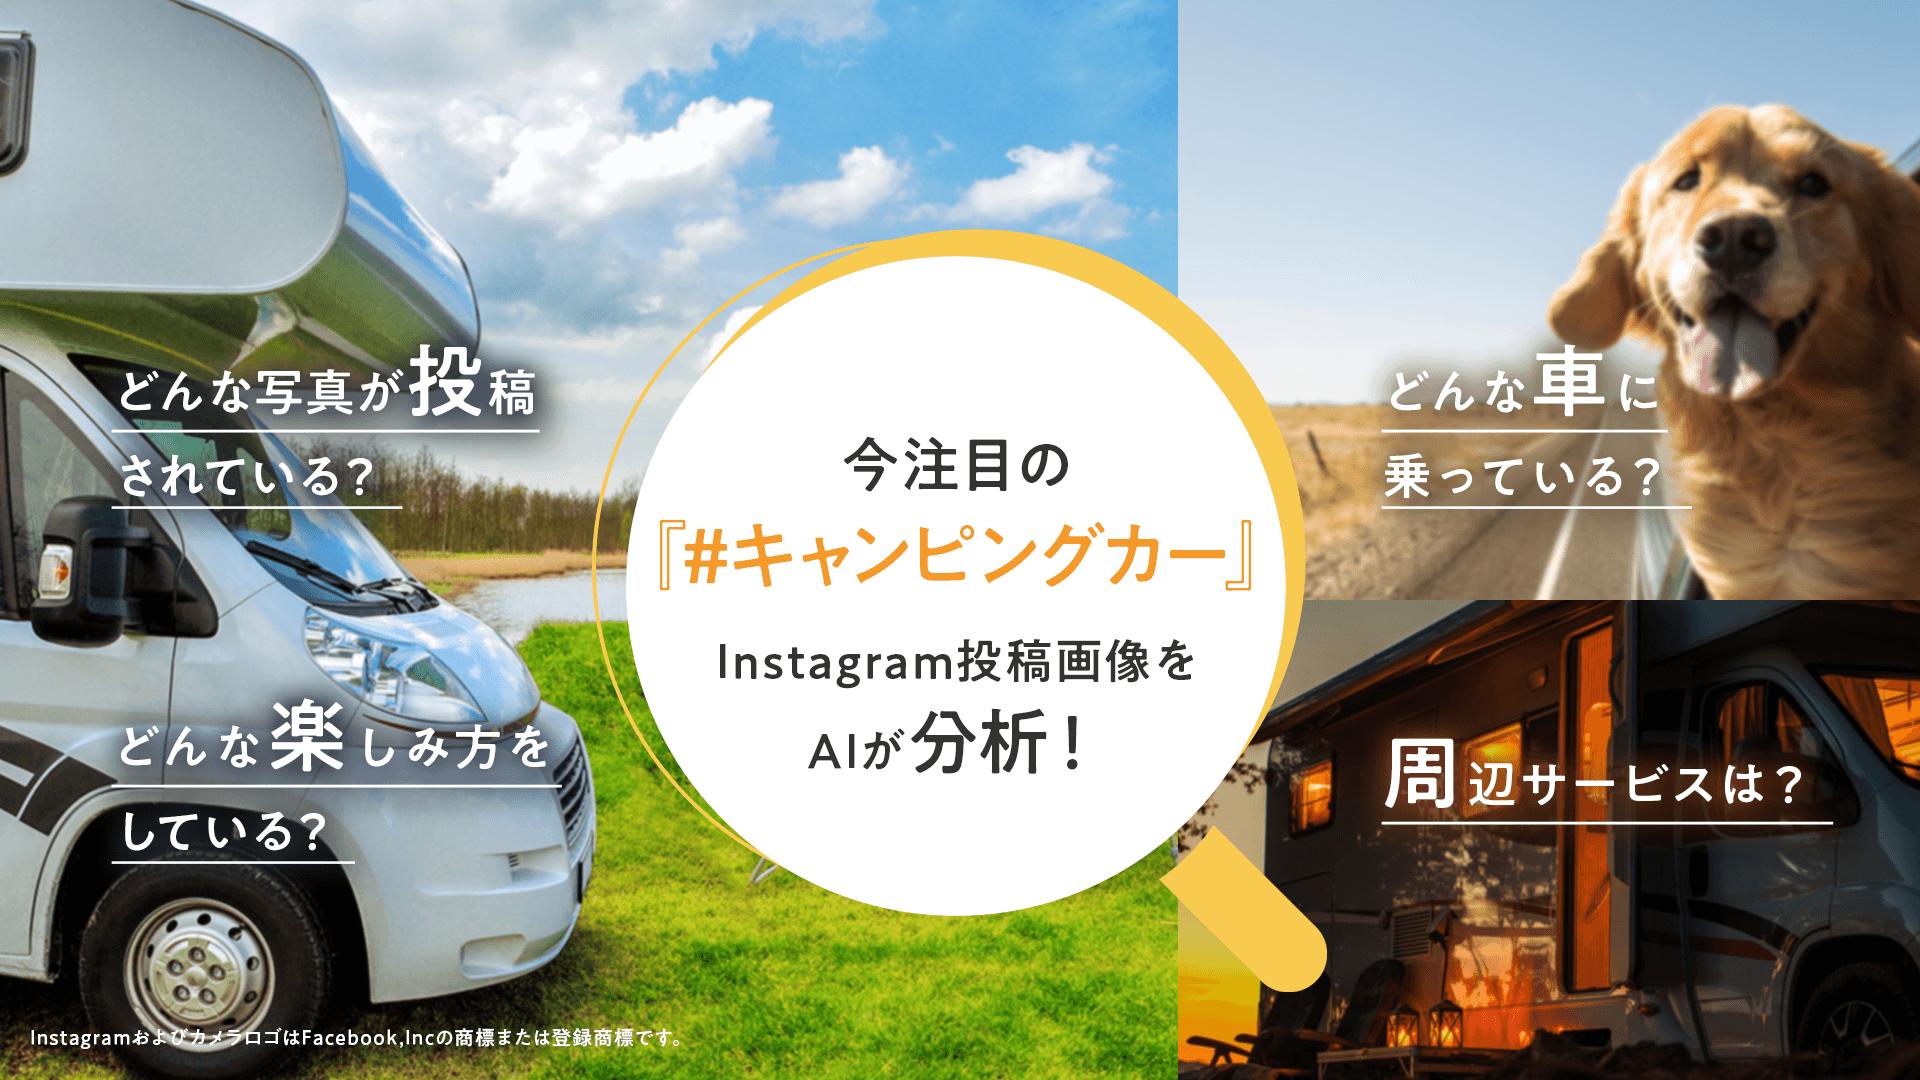 今注目の『#キャンピングカー』Instagram投稿画像をAIが分析!